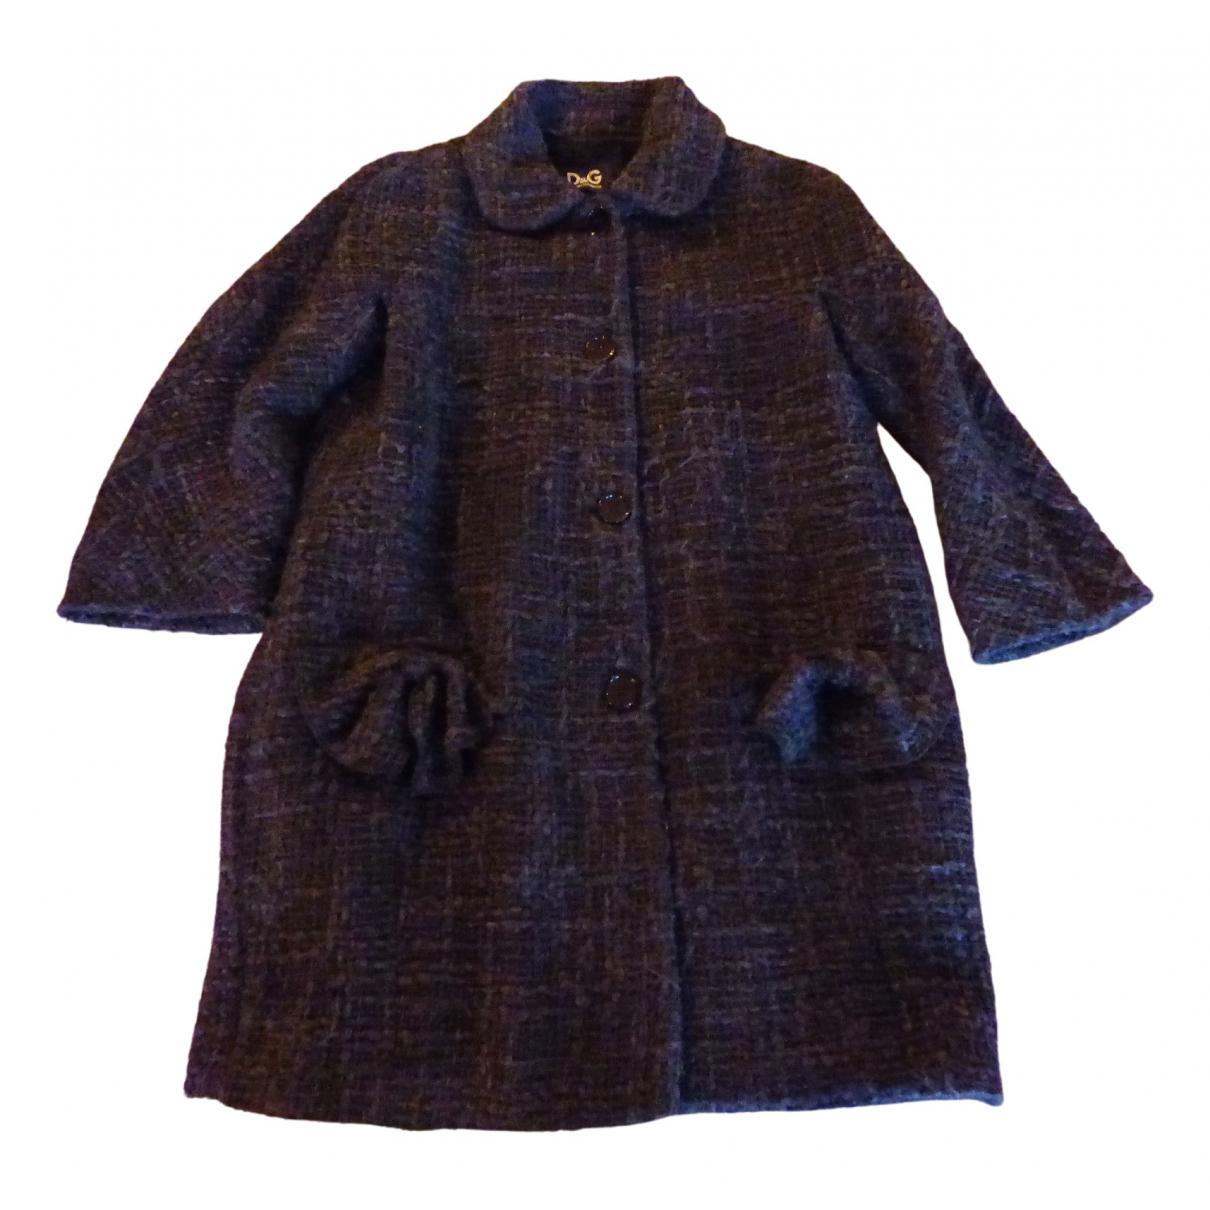 D&g - Manteau   pour femme en laine - anthracite